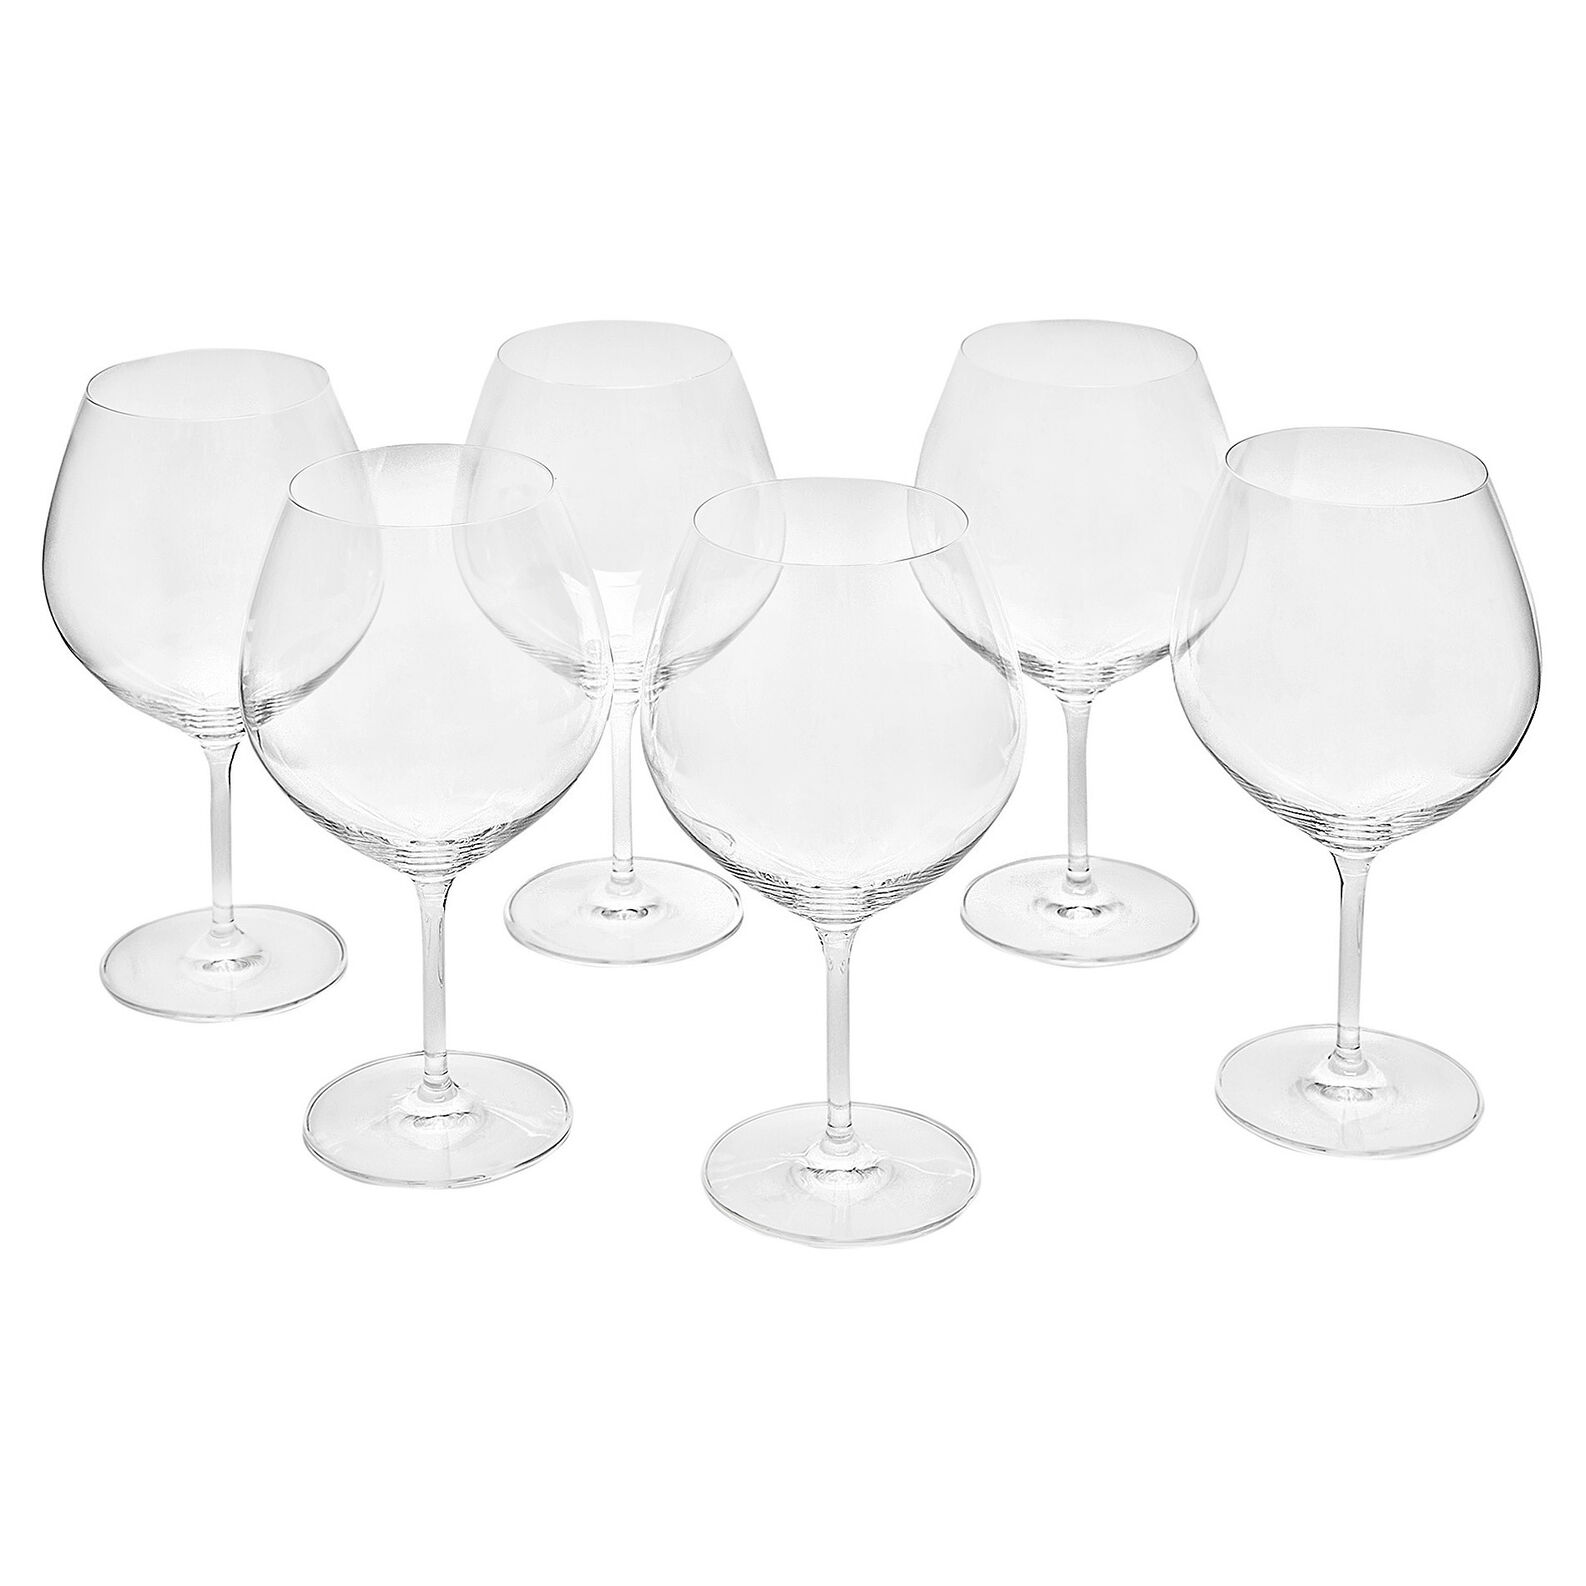 Set of 6 Cru goblets